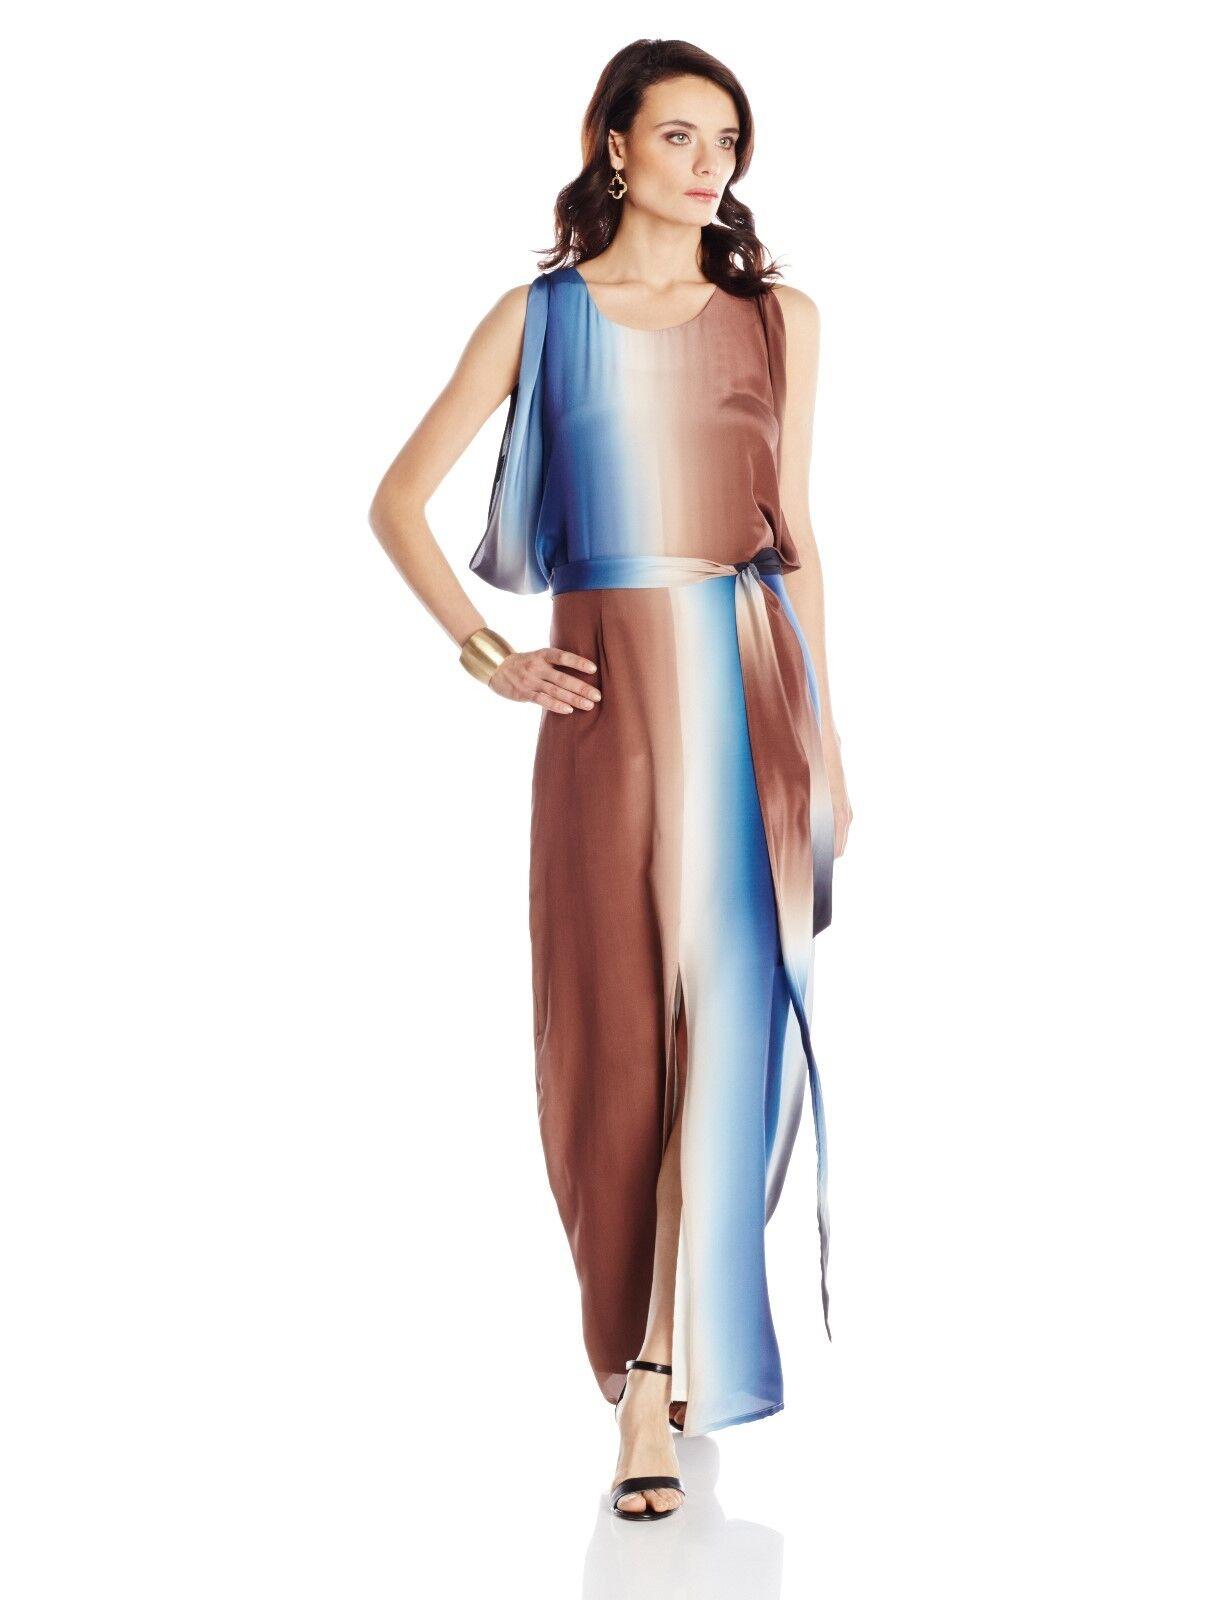 Amicia Bella Monica Kimono Sleeve Maxi Dress - Size 6 - Size Small